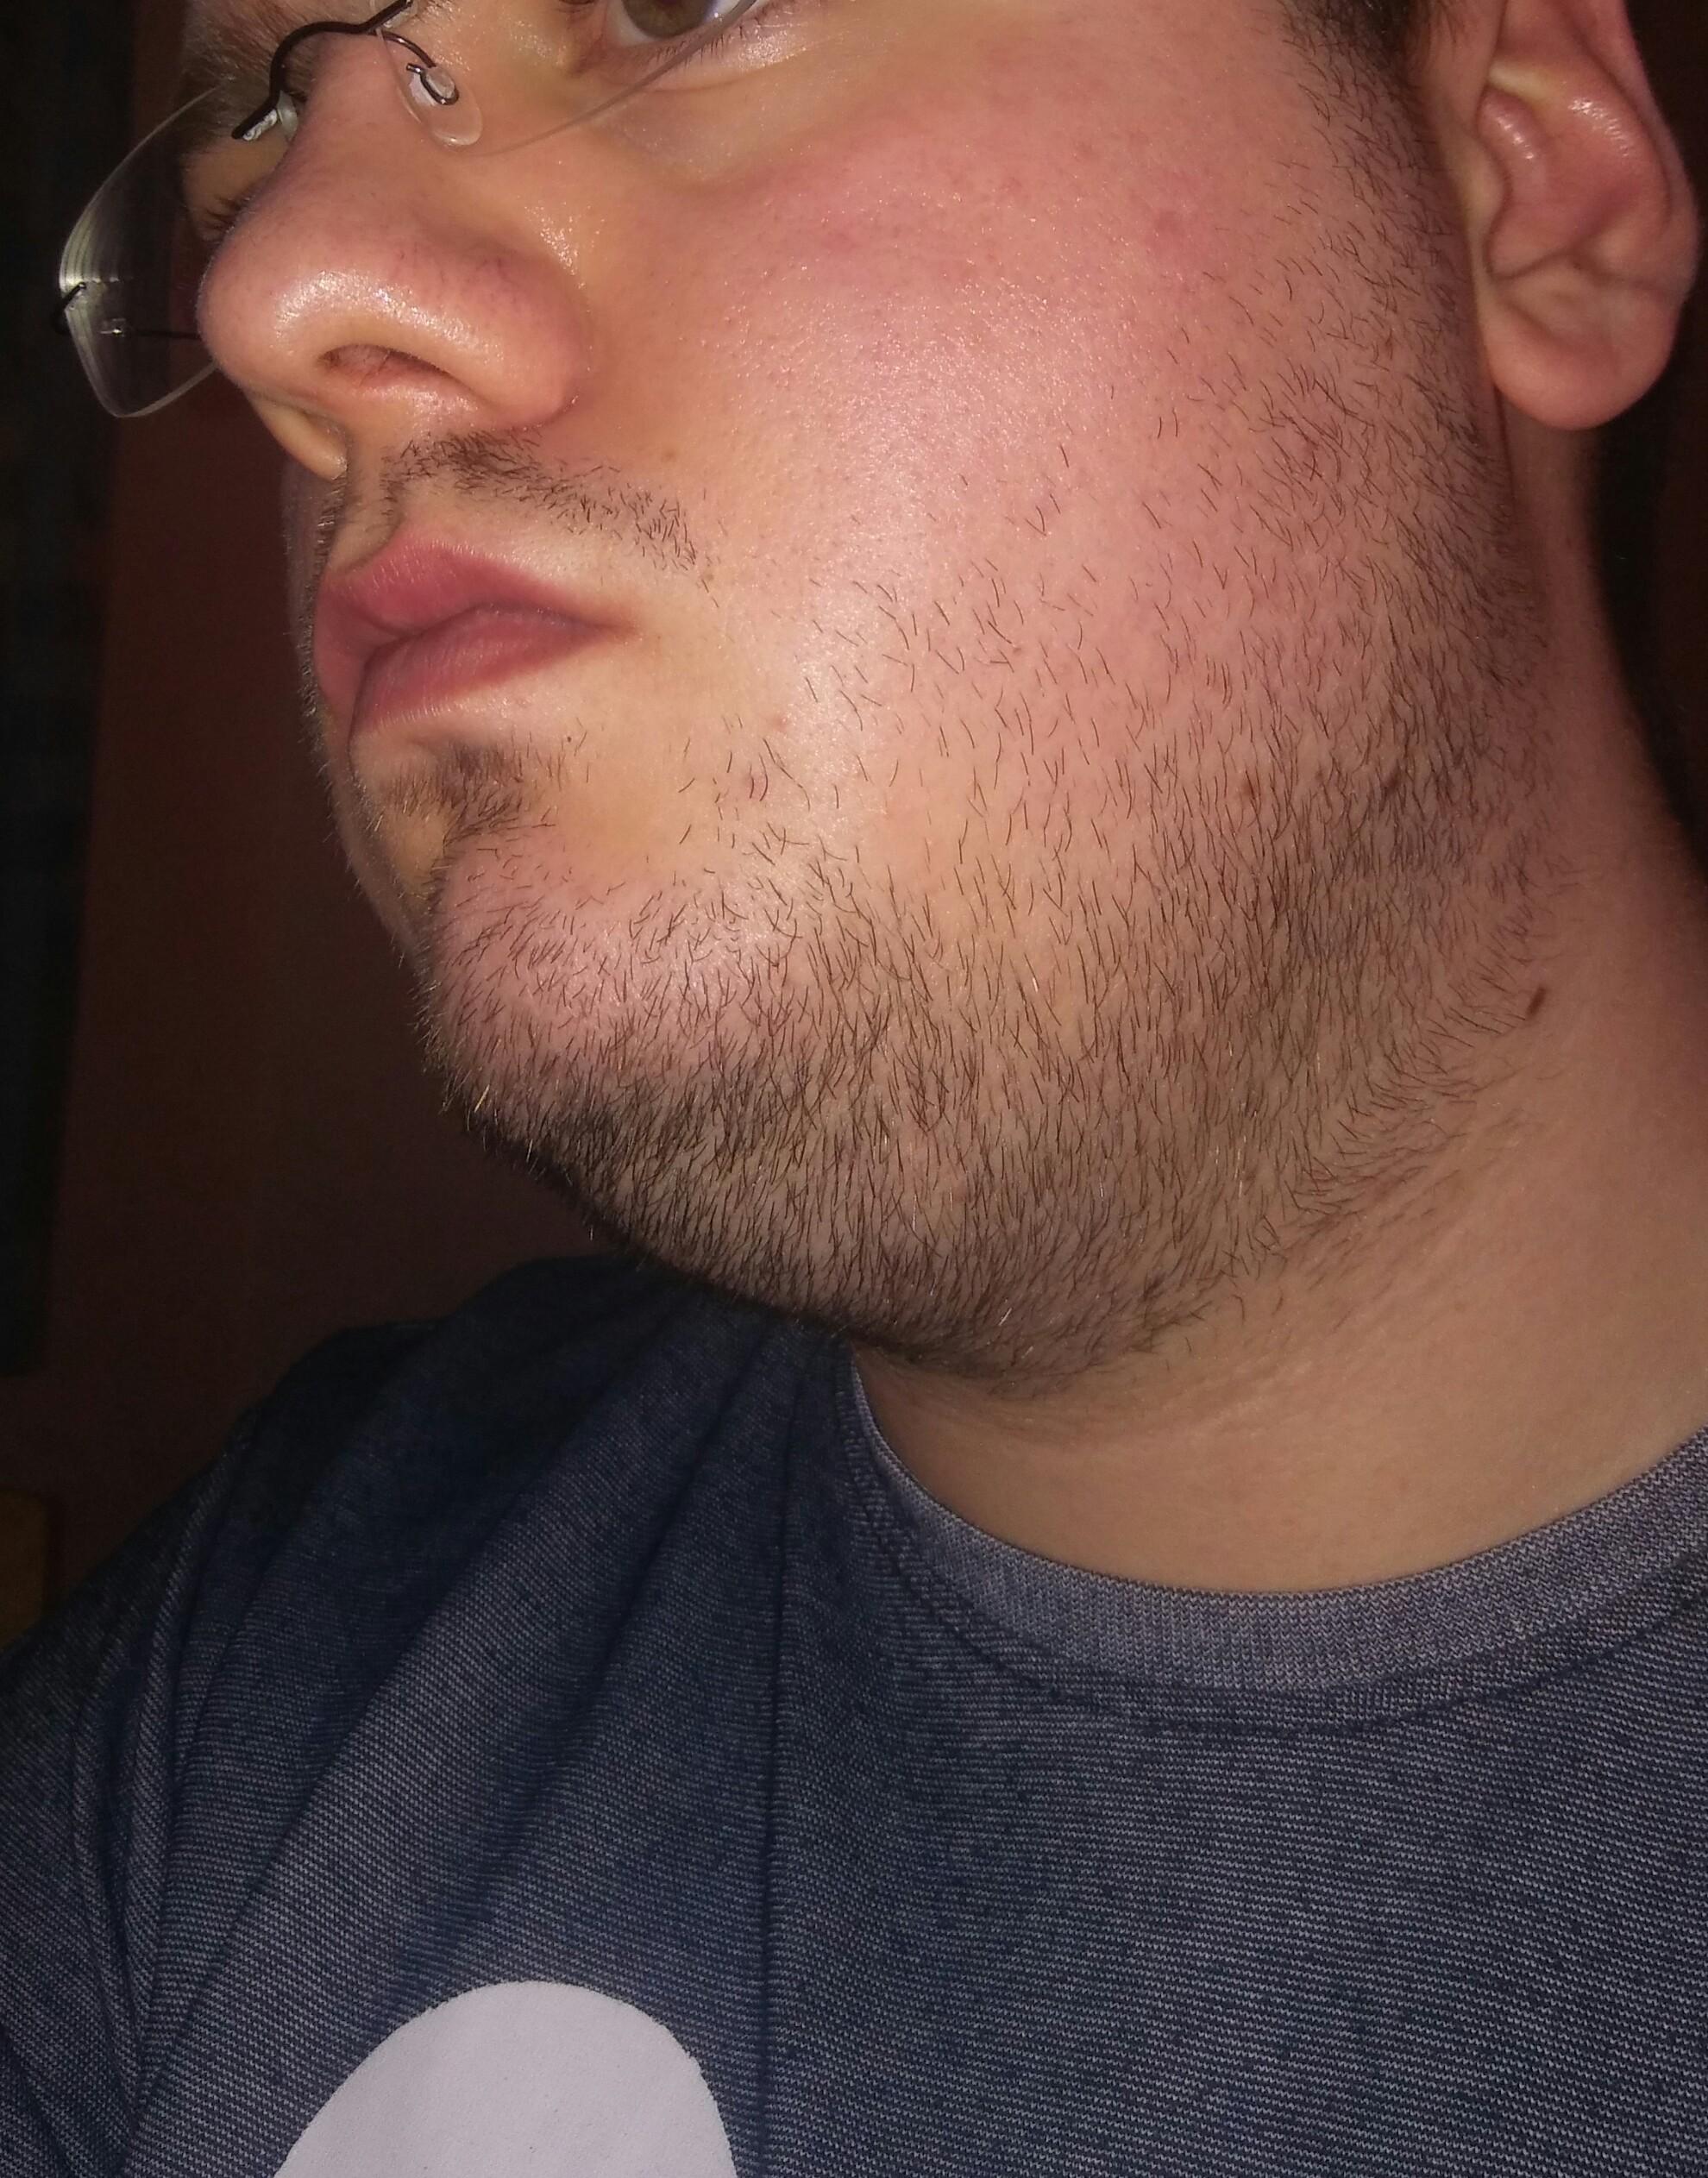 Soll ich mir einen Bart wachsen lassen oder nicht? (Haare)